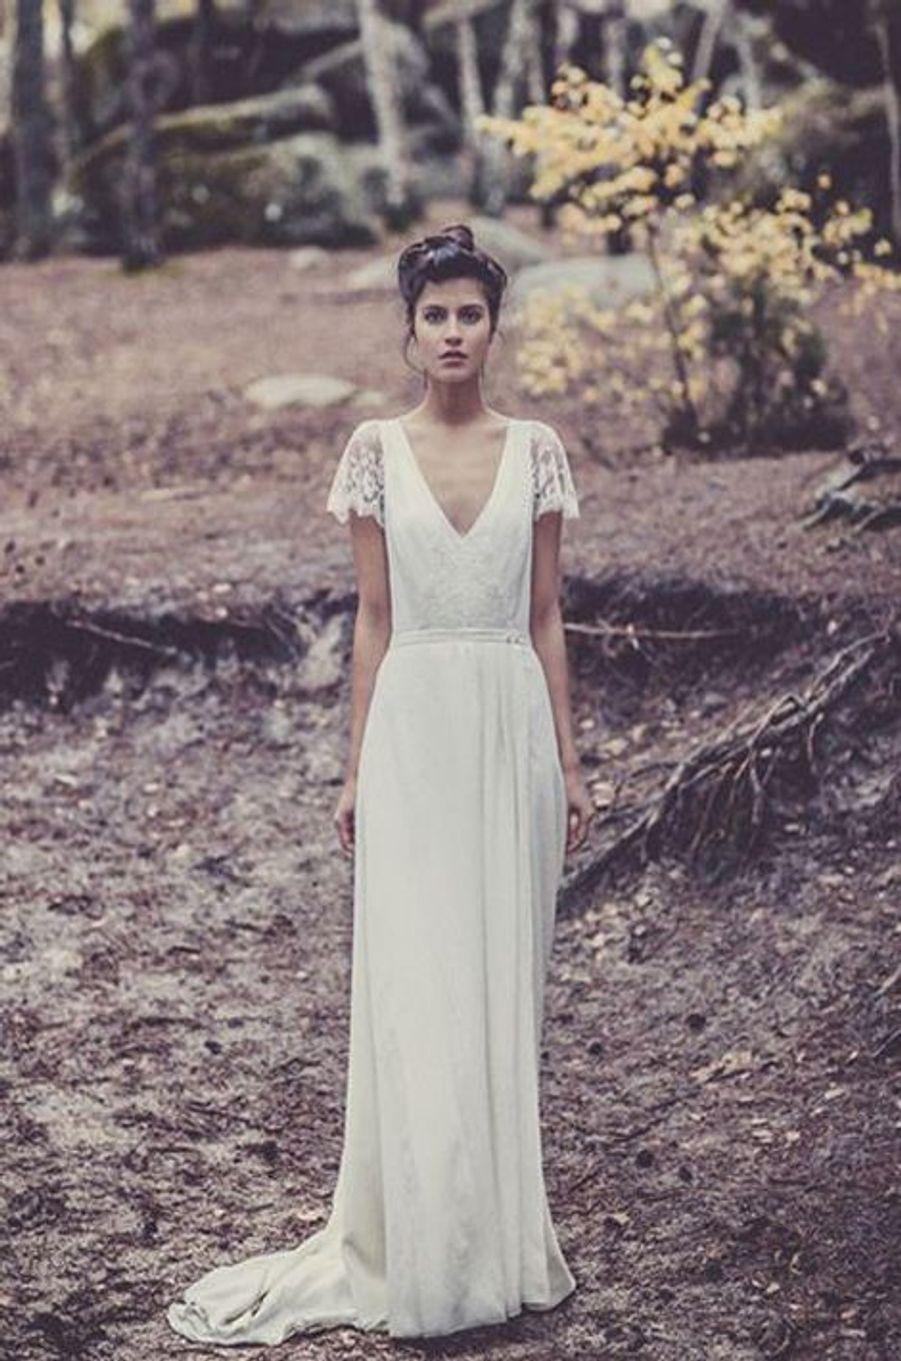 Créée en 2011, la marque Laure de Sagazan impose rapidement ses silhouettes faussement désinvoltes dans le paysage de la robe de mariée. Des allures sobres, floues, dont l'élégance est soulignée de poésie.